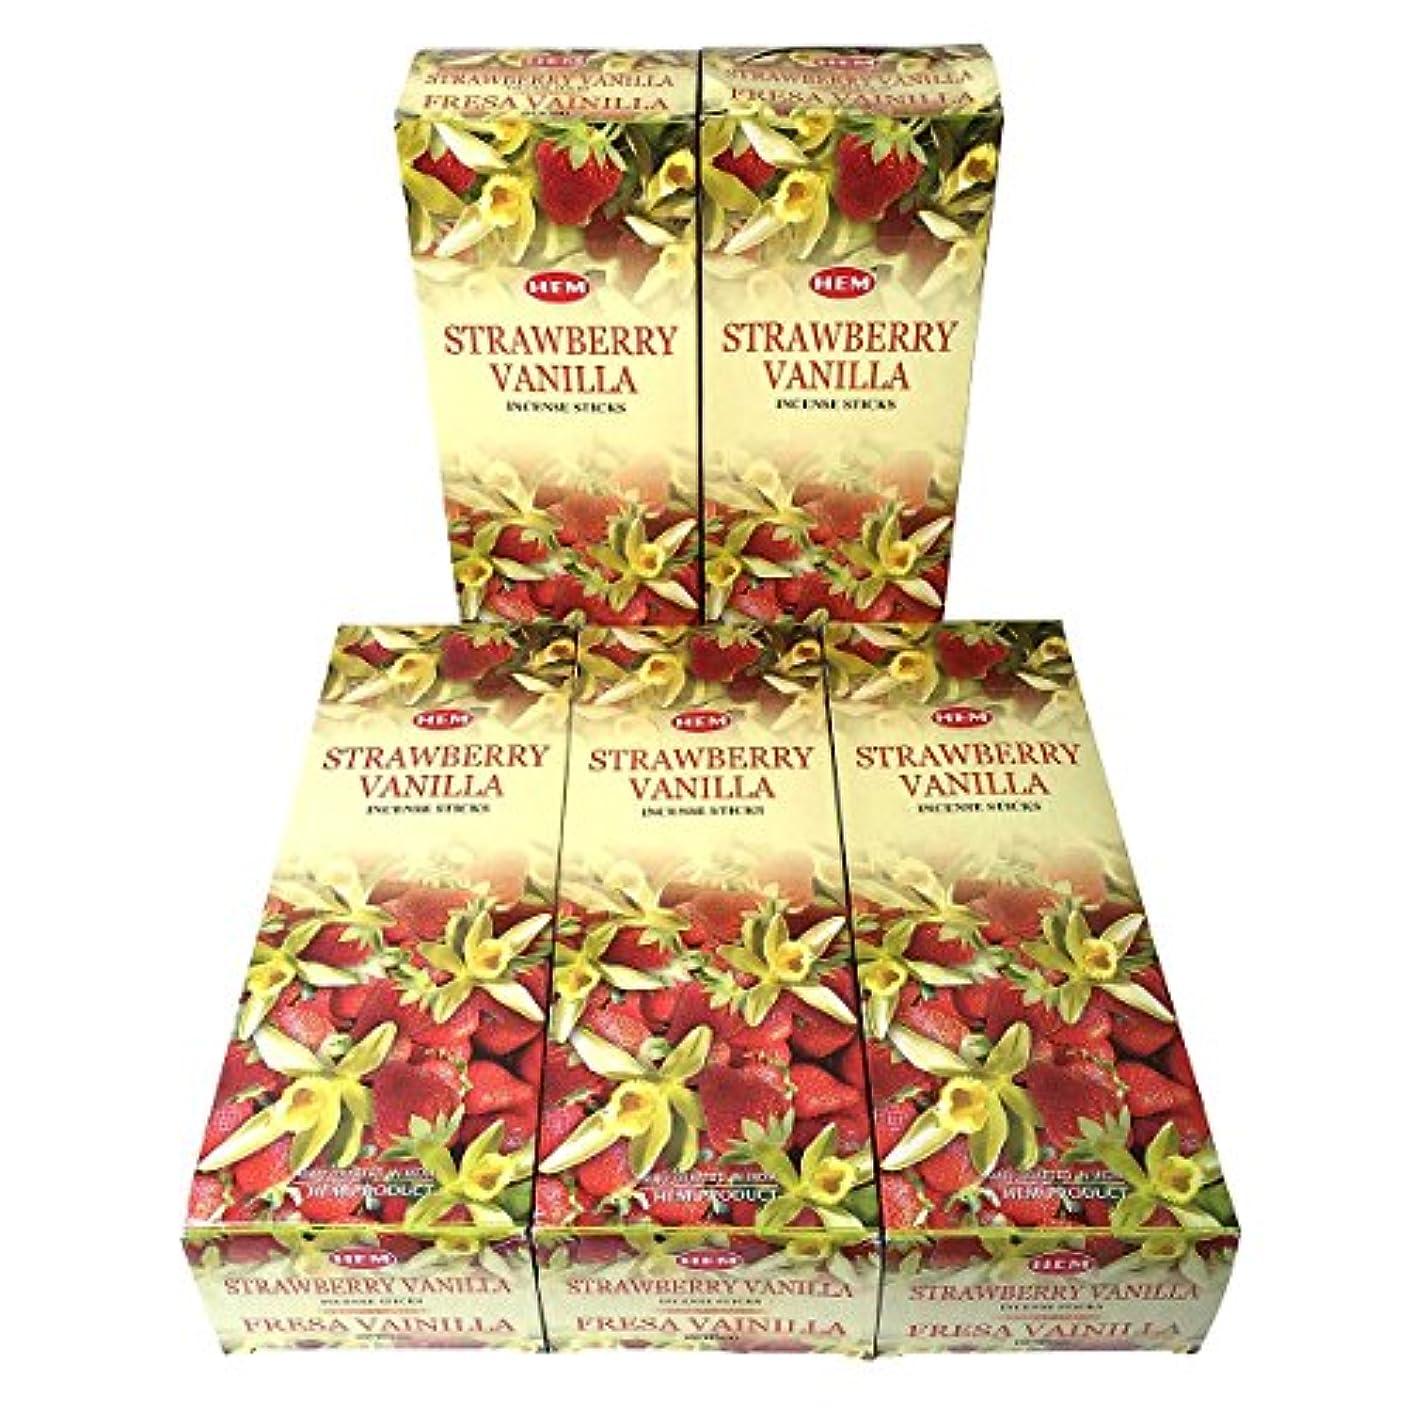 シガレット団結する高揚したHEM ストロベリーバニラ香 スティック 5BOX(30箱)/HEM STRAWBERRY VANILLA/ インド香 / 送料無料 [並行輸入品]